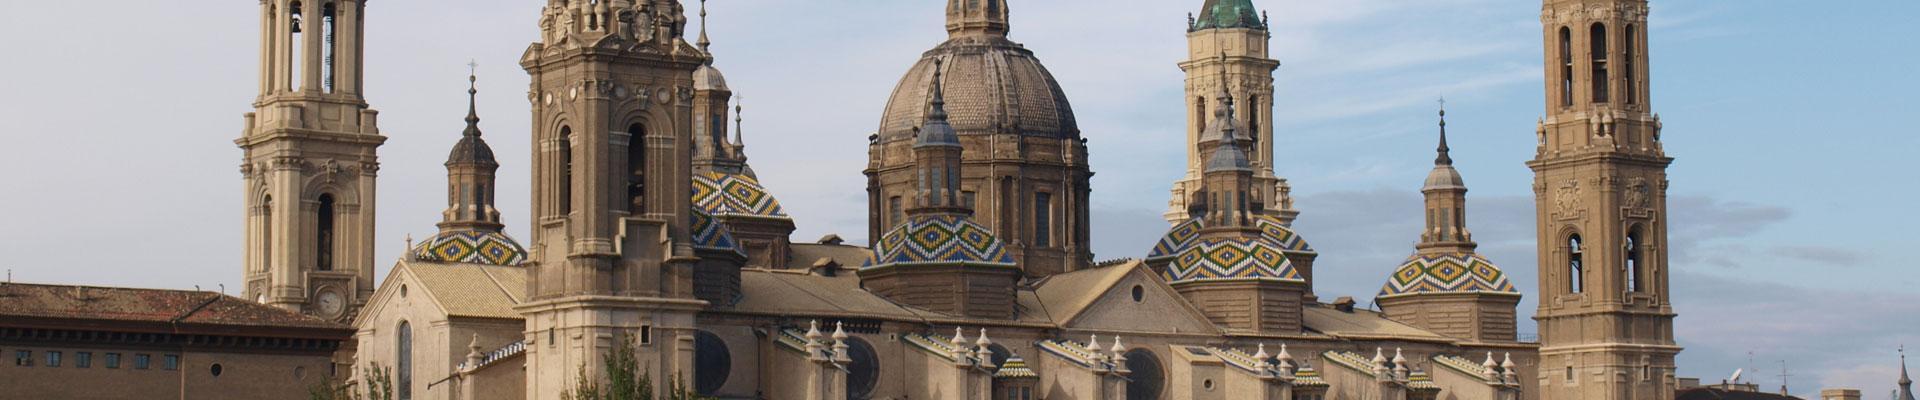 Turismo en Zaragoza. Hotel Oriente.